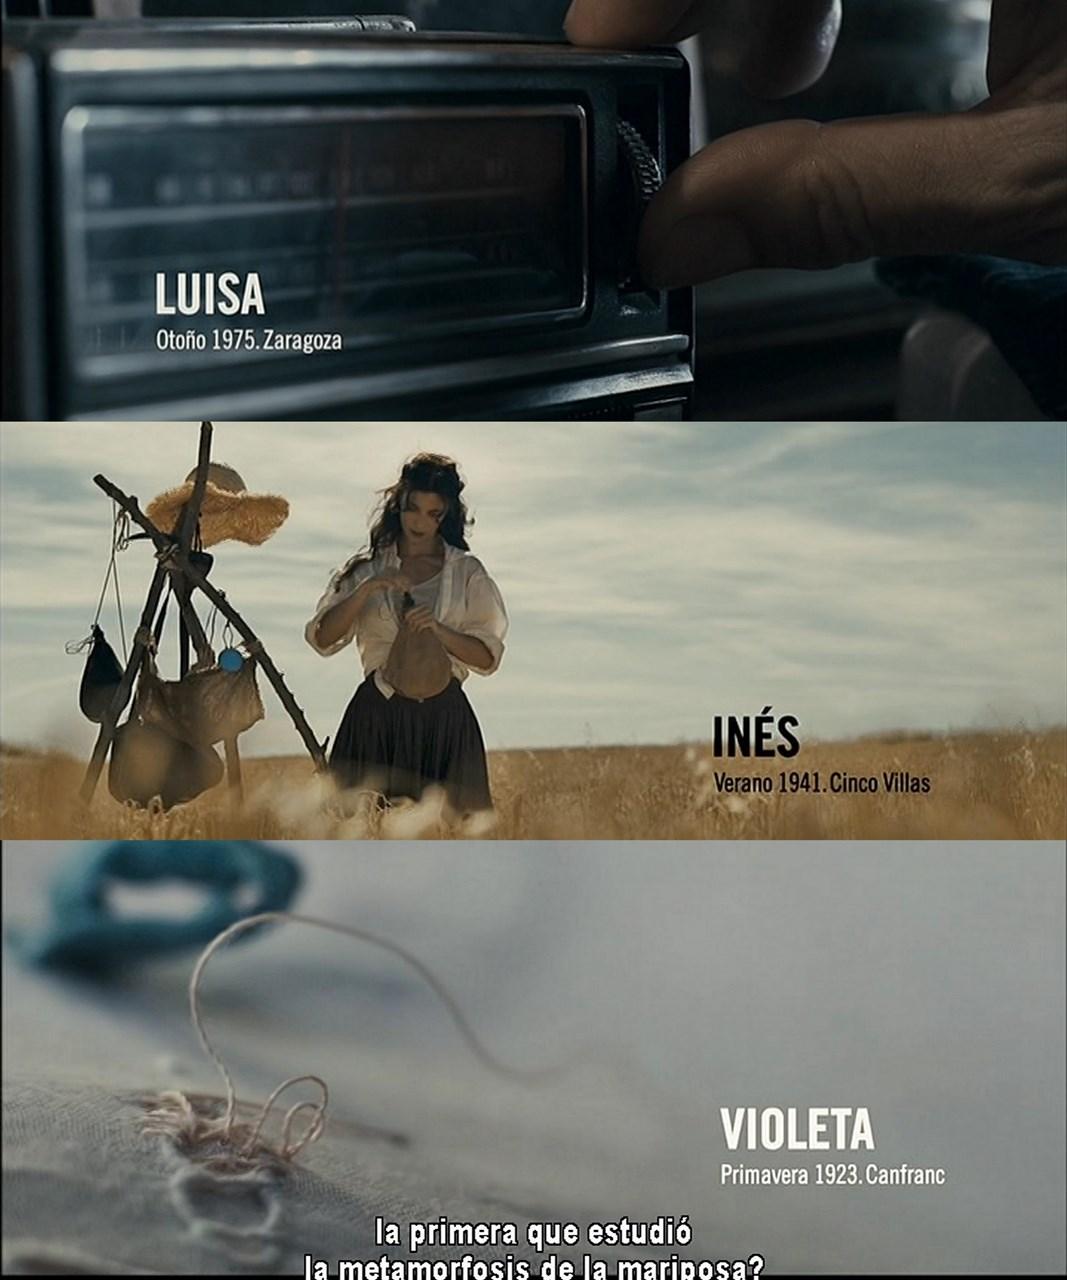 De tu ventana a la mía-Presentación Protagonistas-Inés-Violeta-Luisa